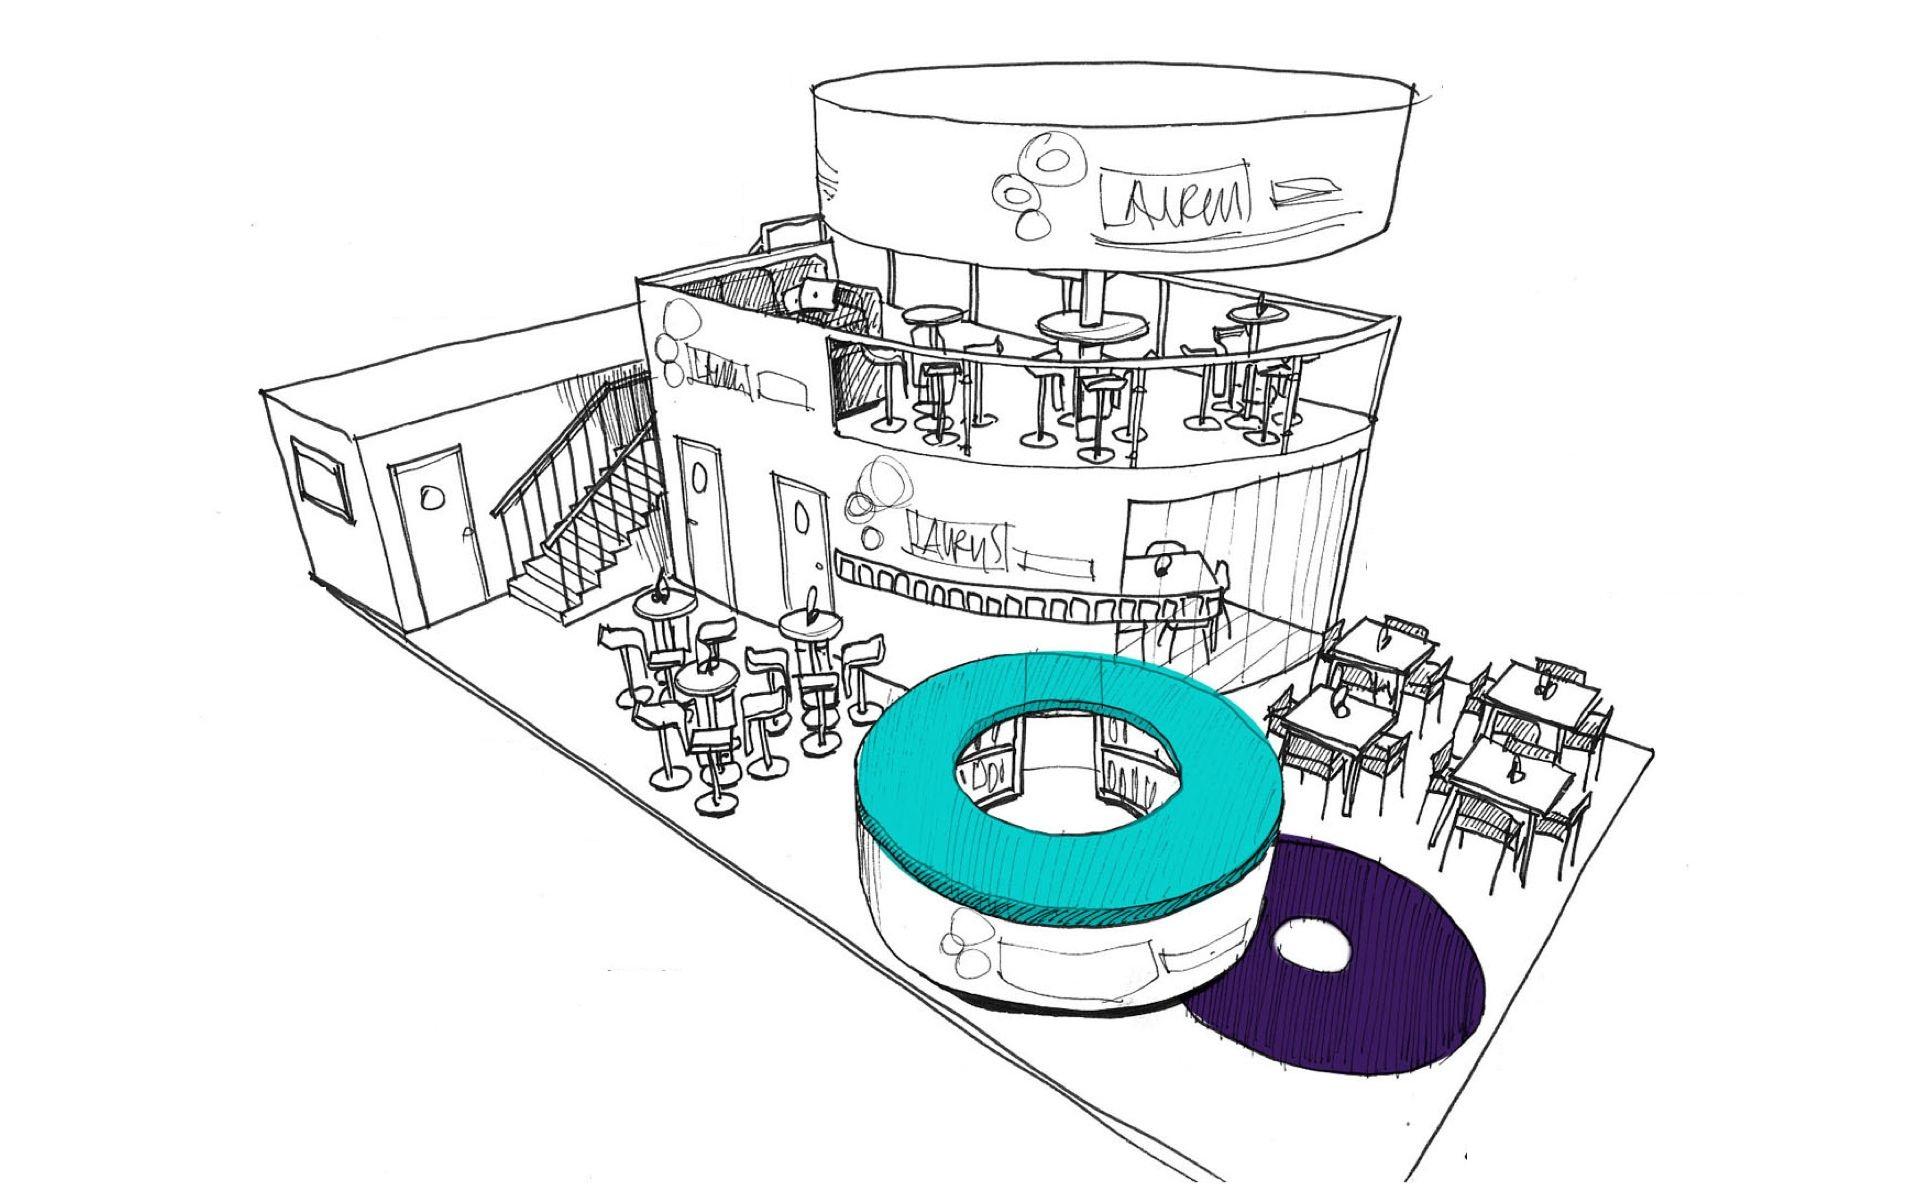 اصول و نکات طراحی غرفه نمایشگاهی